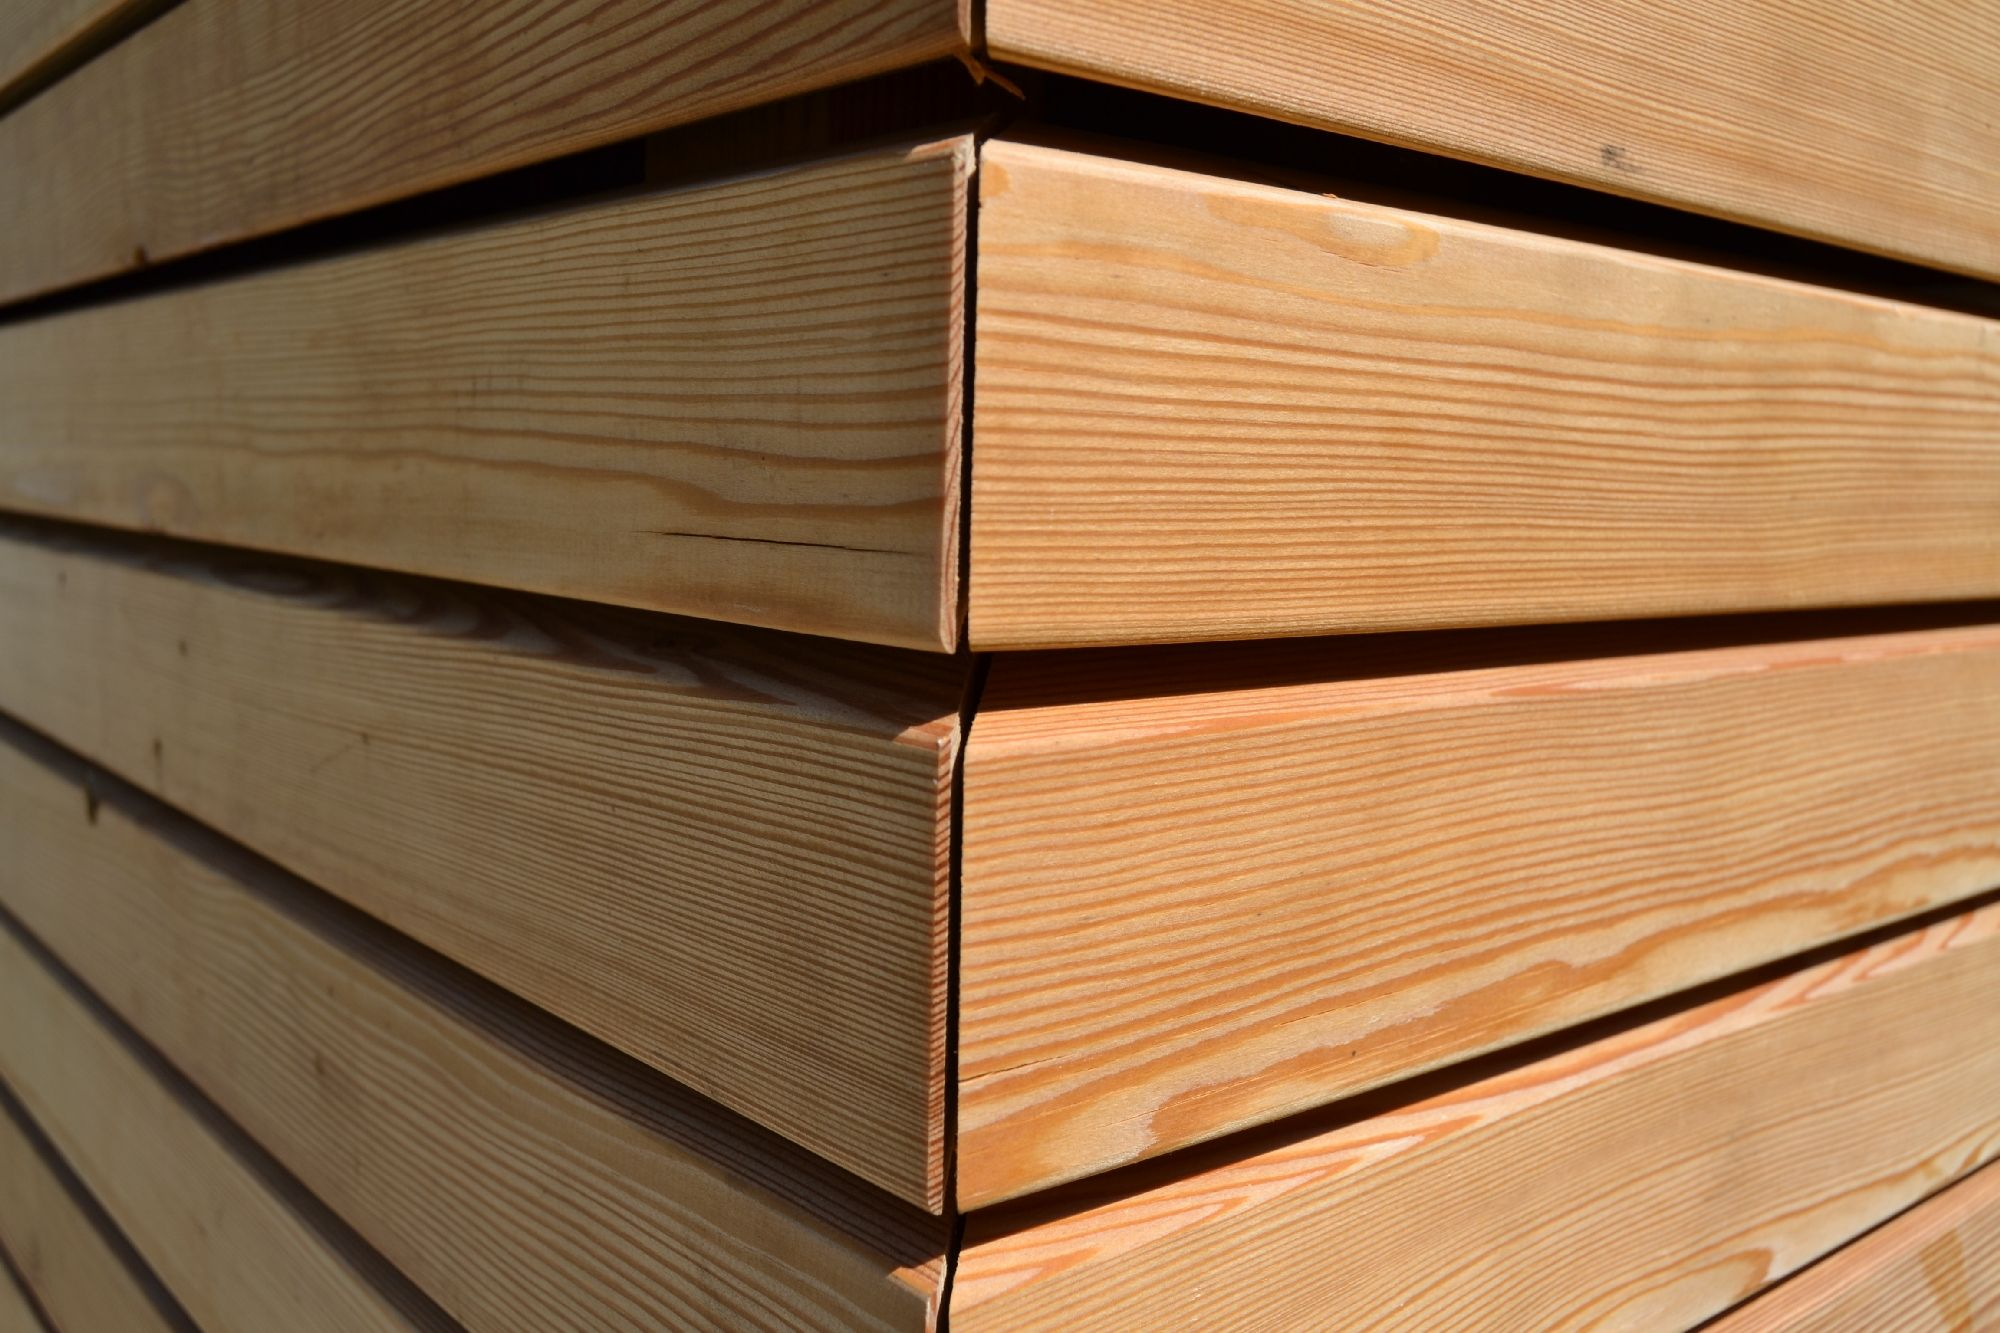 Pareti Esterne In Legno : Larice siberiano netto nodi. rivestimenti in legno per pareti